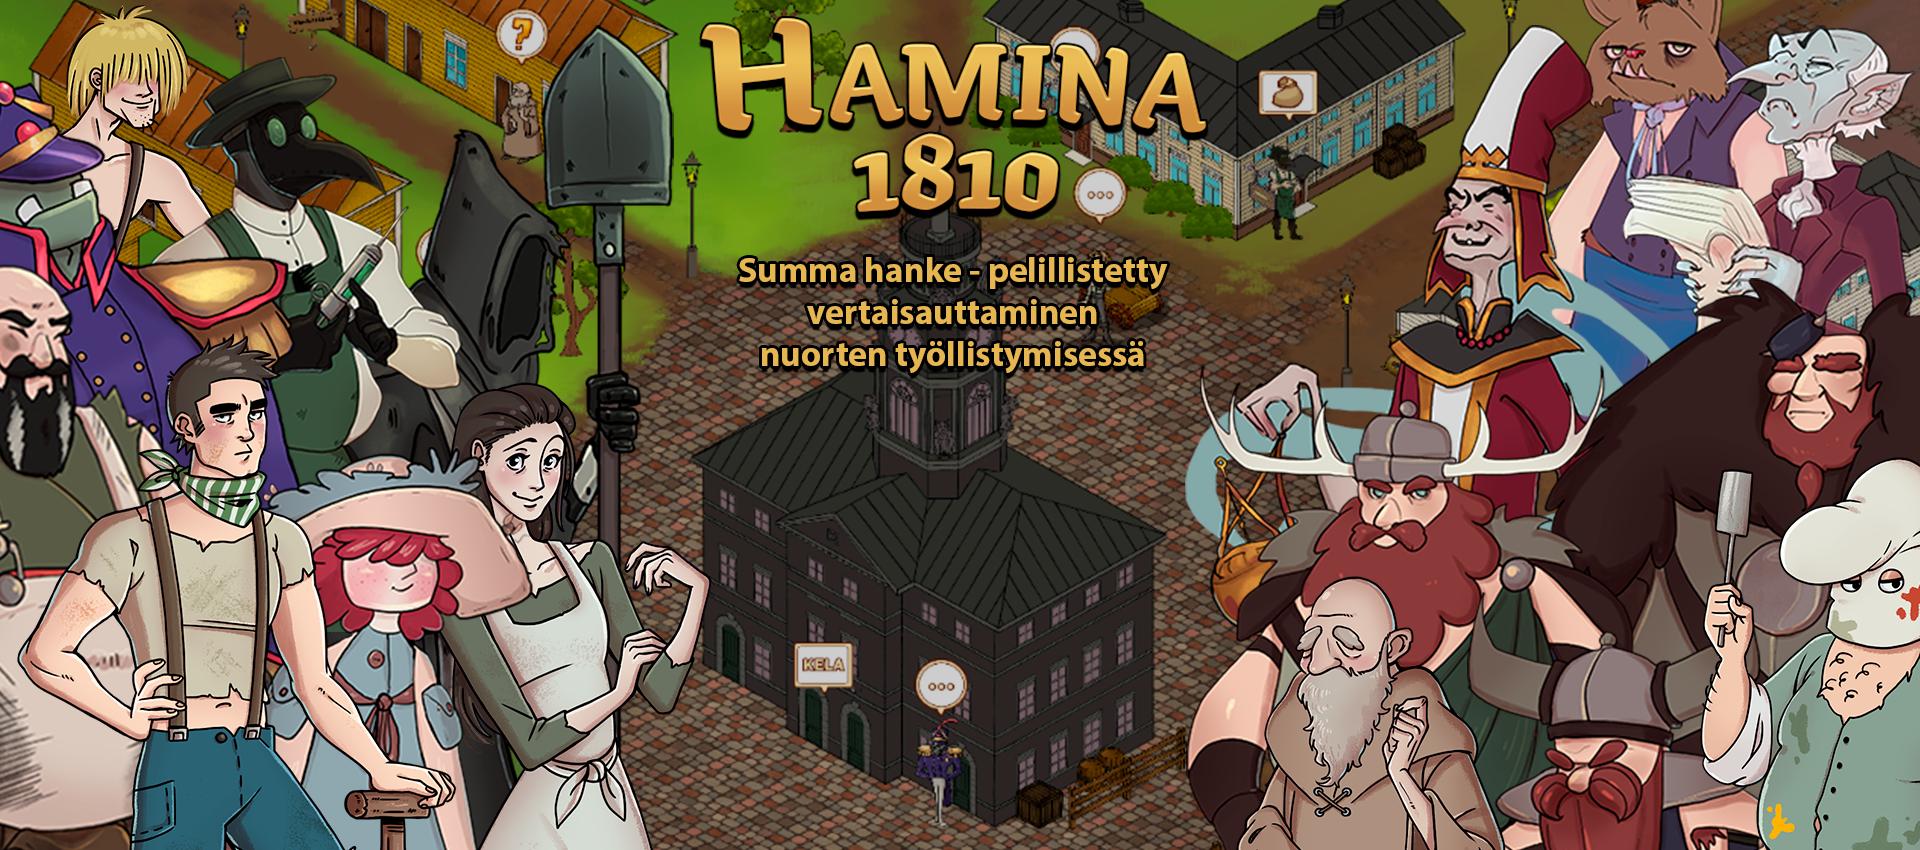 Hamina 1810 pelin kuva. Kuvassa vasemmalla ja oikealla pelihahmoja ja taustalla Haminan raatihuone.